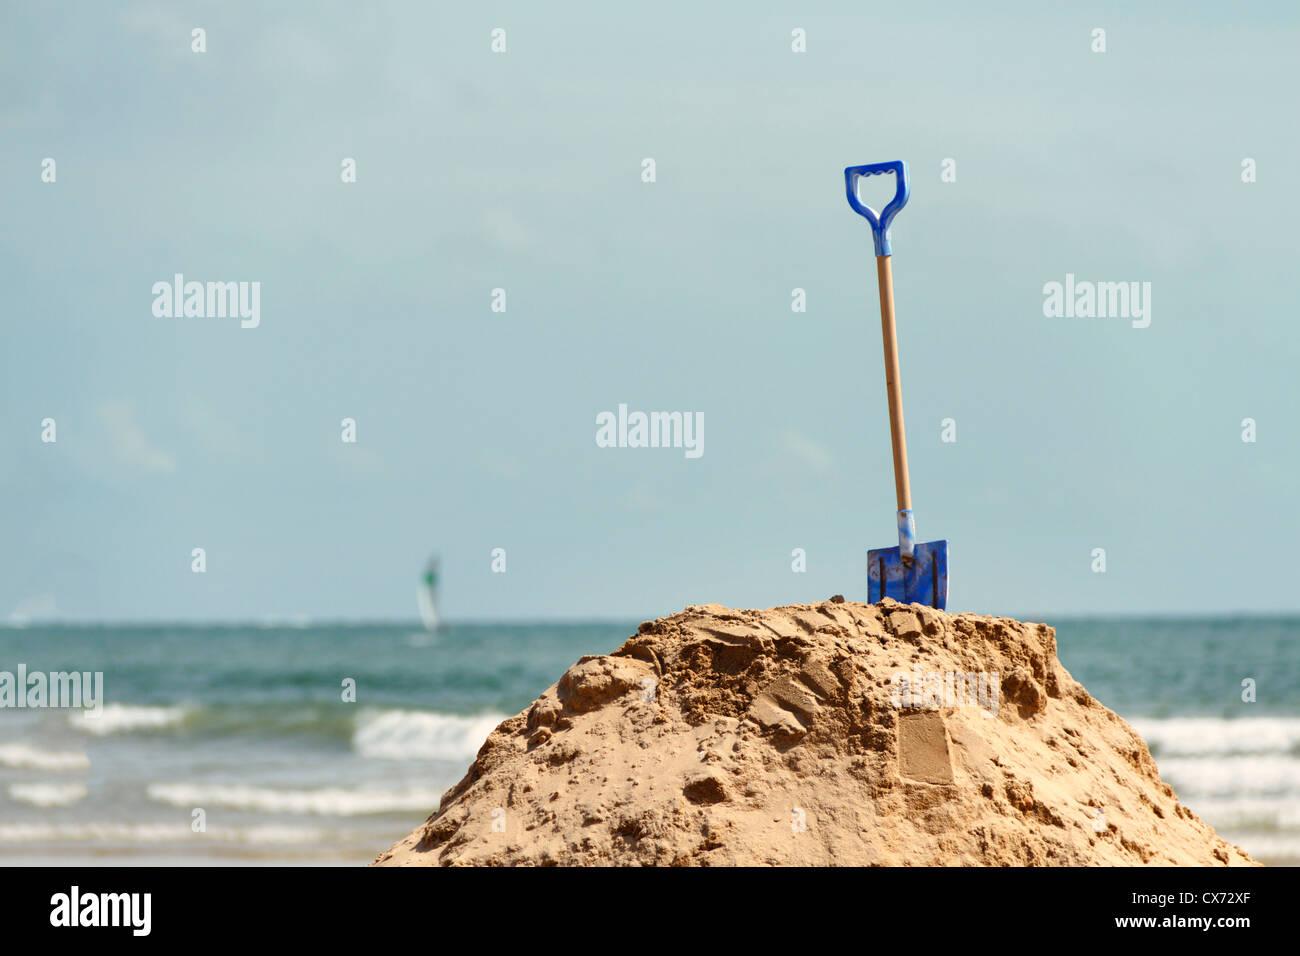 Child's spade in mound of sand, Les Sables-d'Olonne, Vendee, Pays de la Loire, France, Europe. - Stock Image